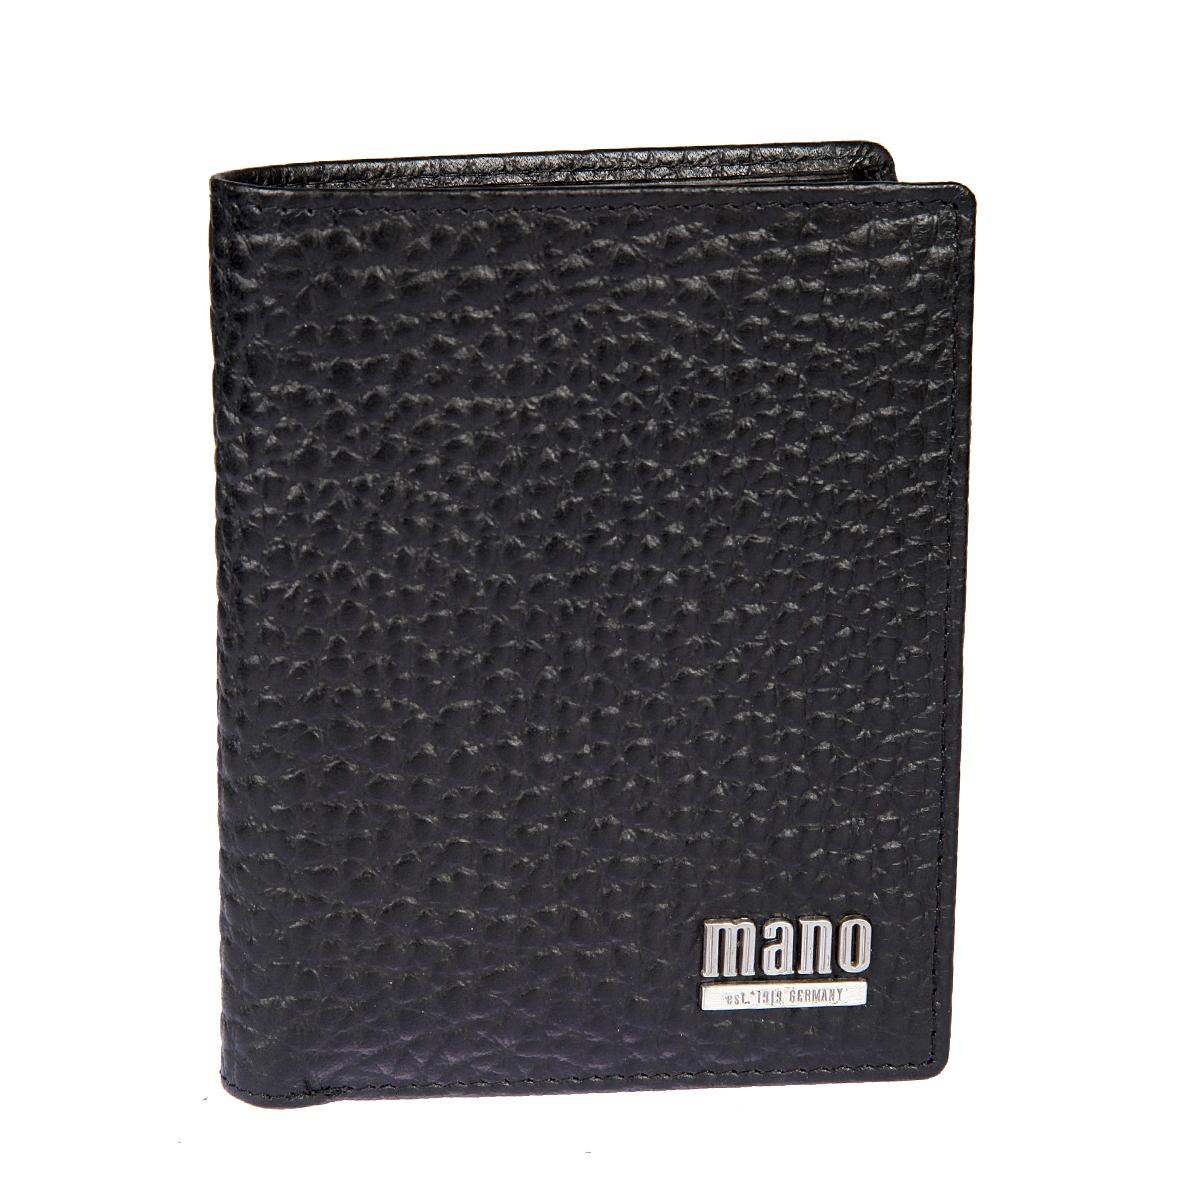 Портмоне мужское Mano, цвет: черный. 1953719537Раскладывается пополам внутри два отдела для купюр карман для мелочи на кнопке сетчатый карман восемь кармшков для пластиковых карт три потайных кармана